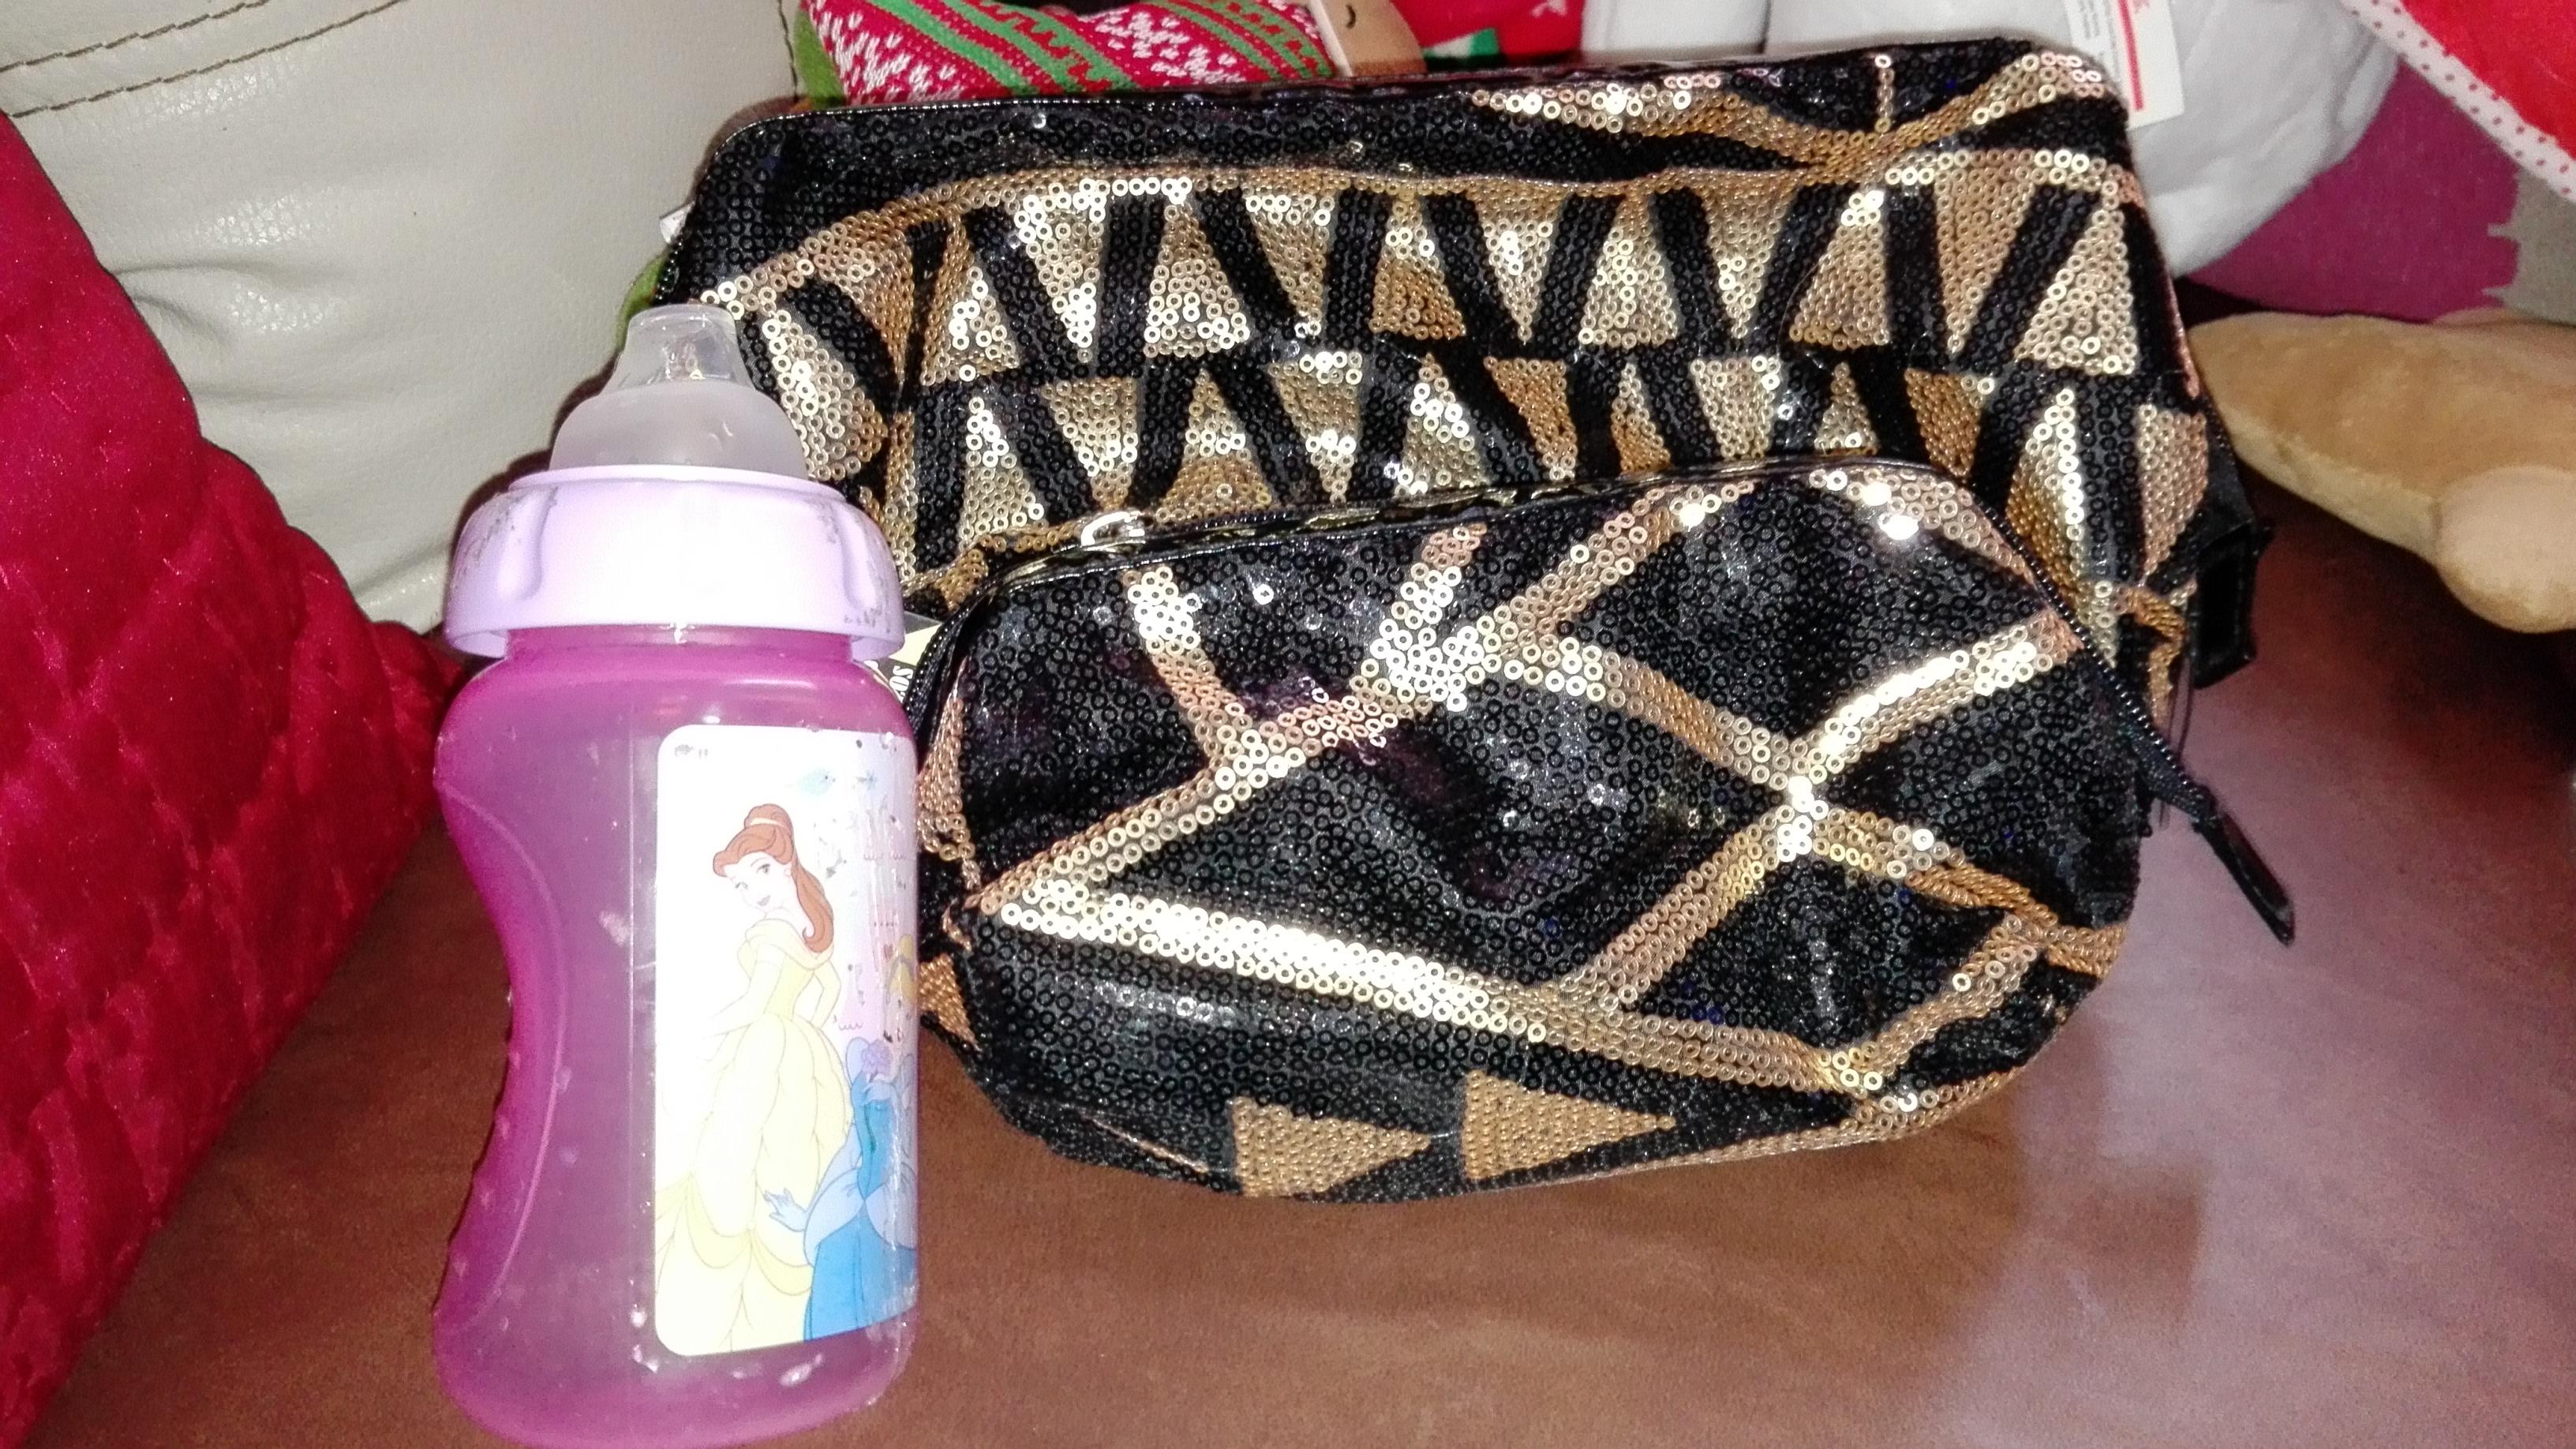 Walmart Ote Tuxtla Gtz, Chis. Set de dos cosmetiqueras $30.02 y vaso entrenador disney $10.02